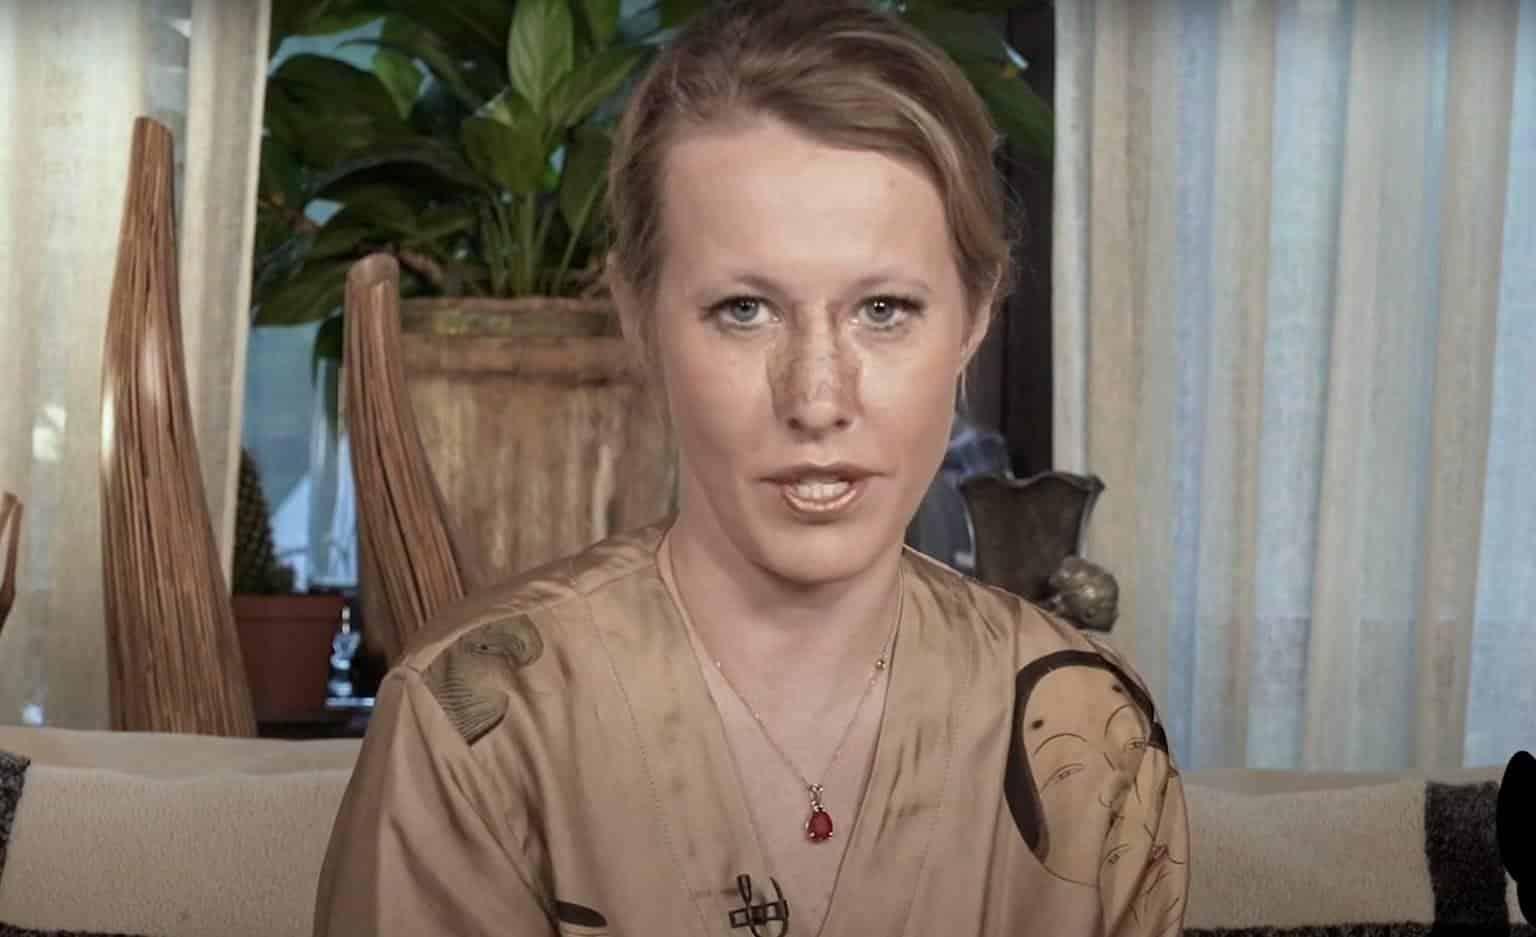 Ксении Собчак сделали операцию, у нее сотрясение мозга и сломан нос